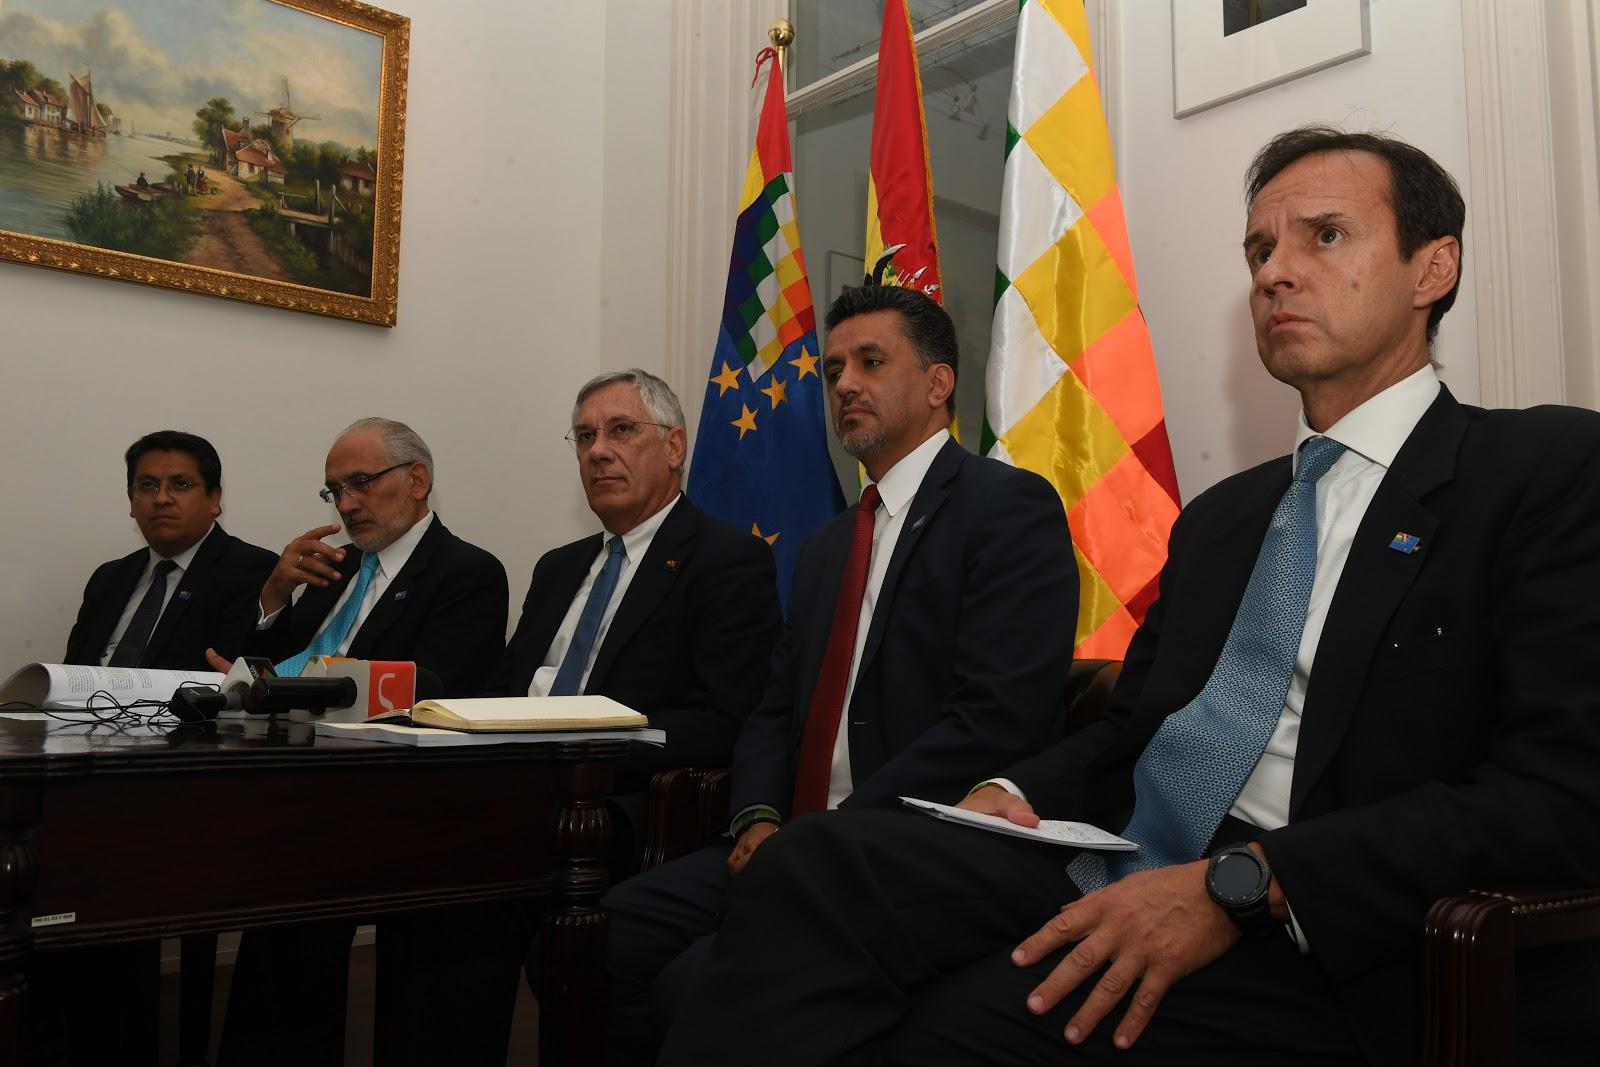 Expresidentes bolivianos reconocieron el fallo, pero expresaron no estar de acuerdo con la CIJ / ABI